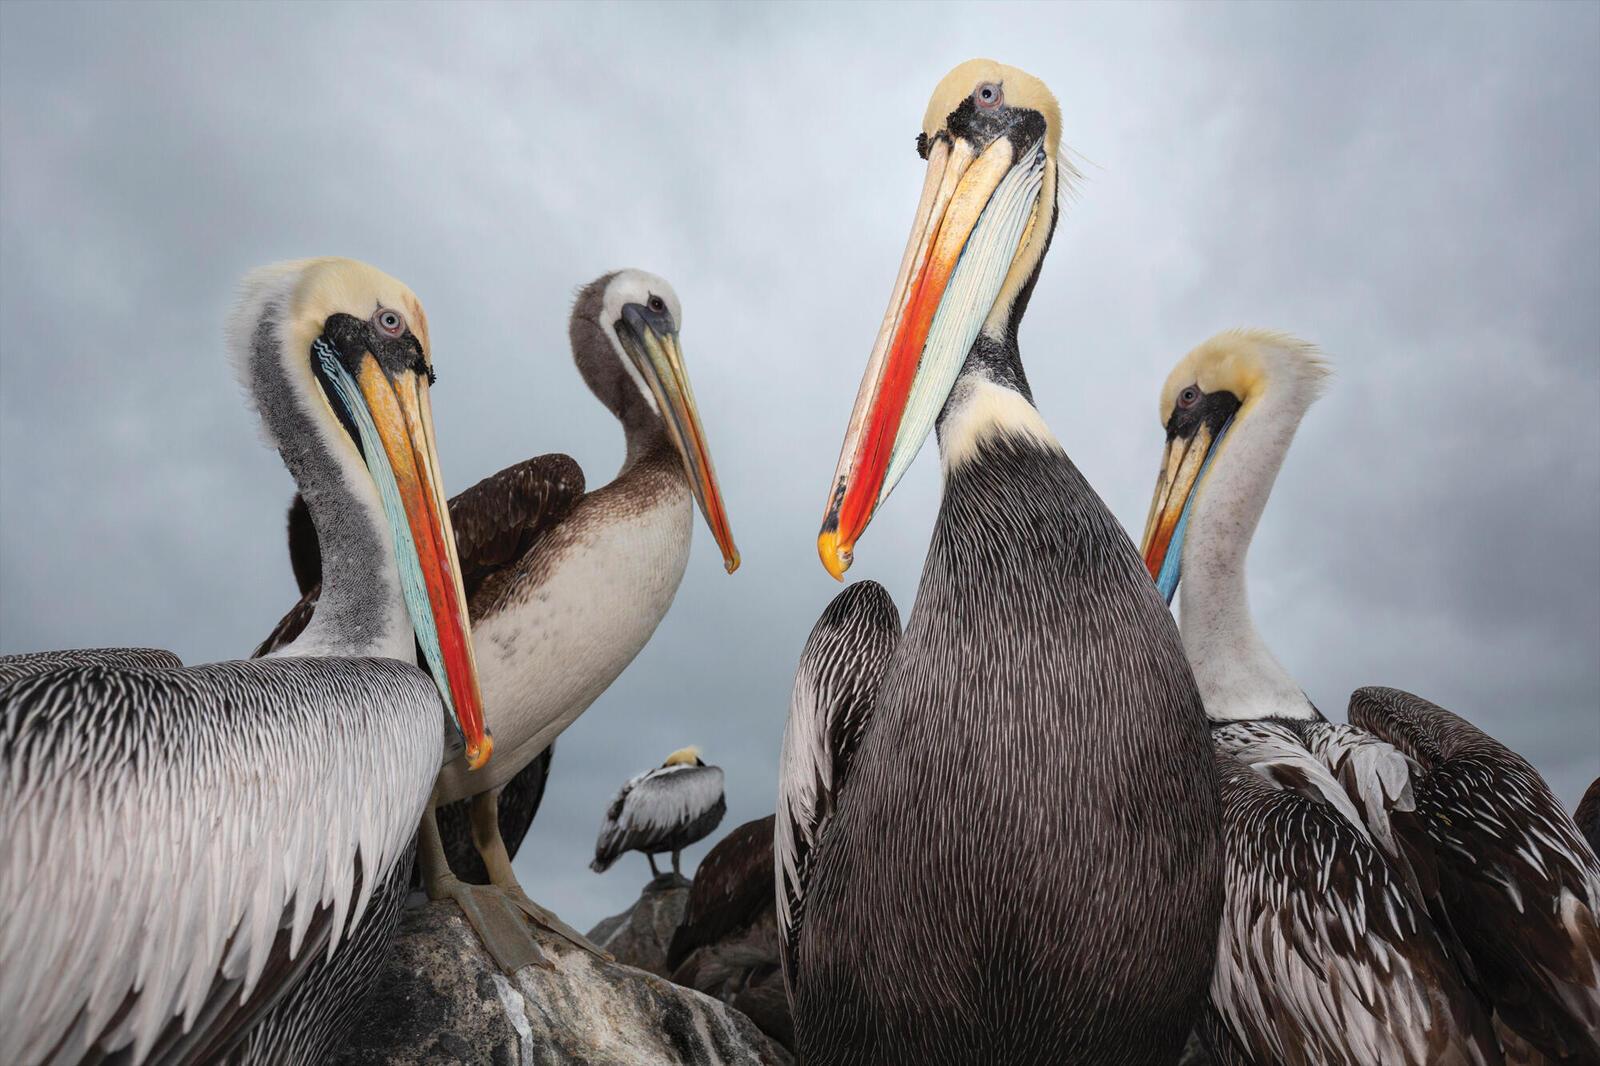 Closeup of 4 pelicans